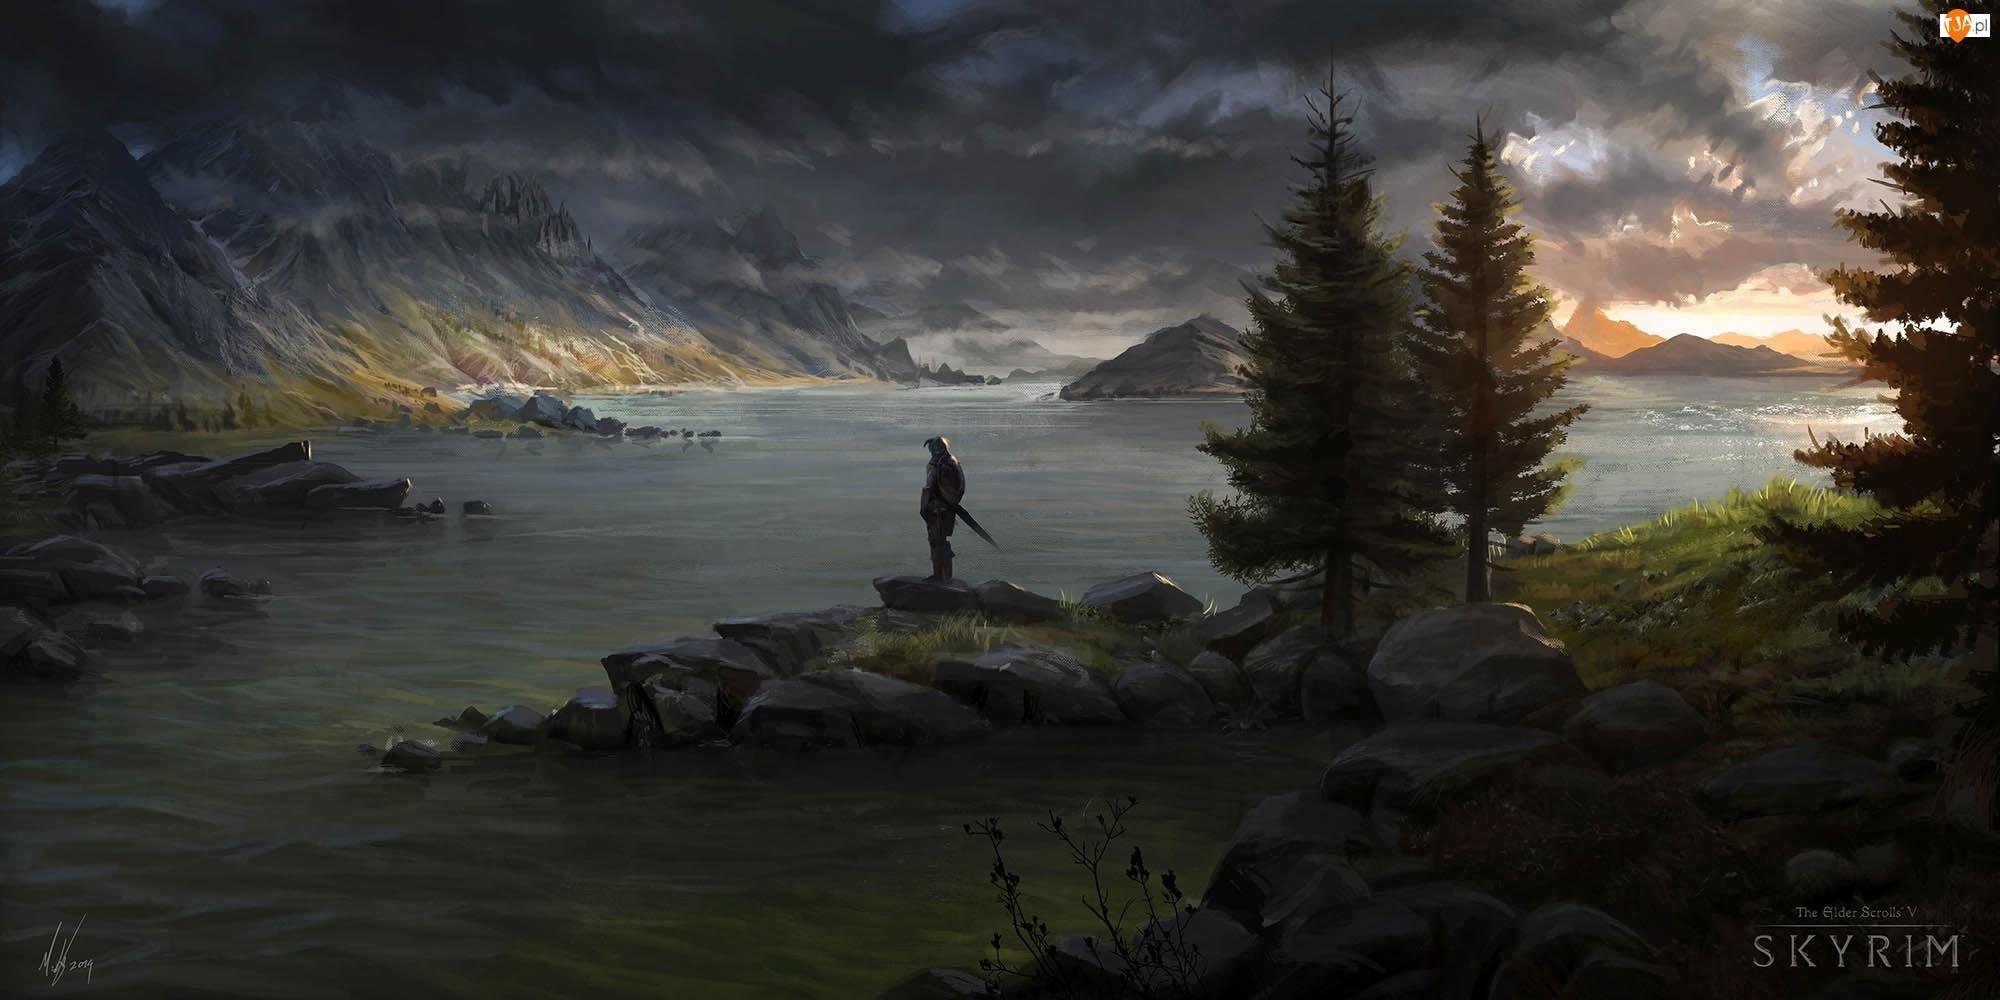 Rycerz, Skyrim, Morze, Góry, Drzewa